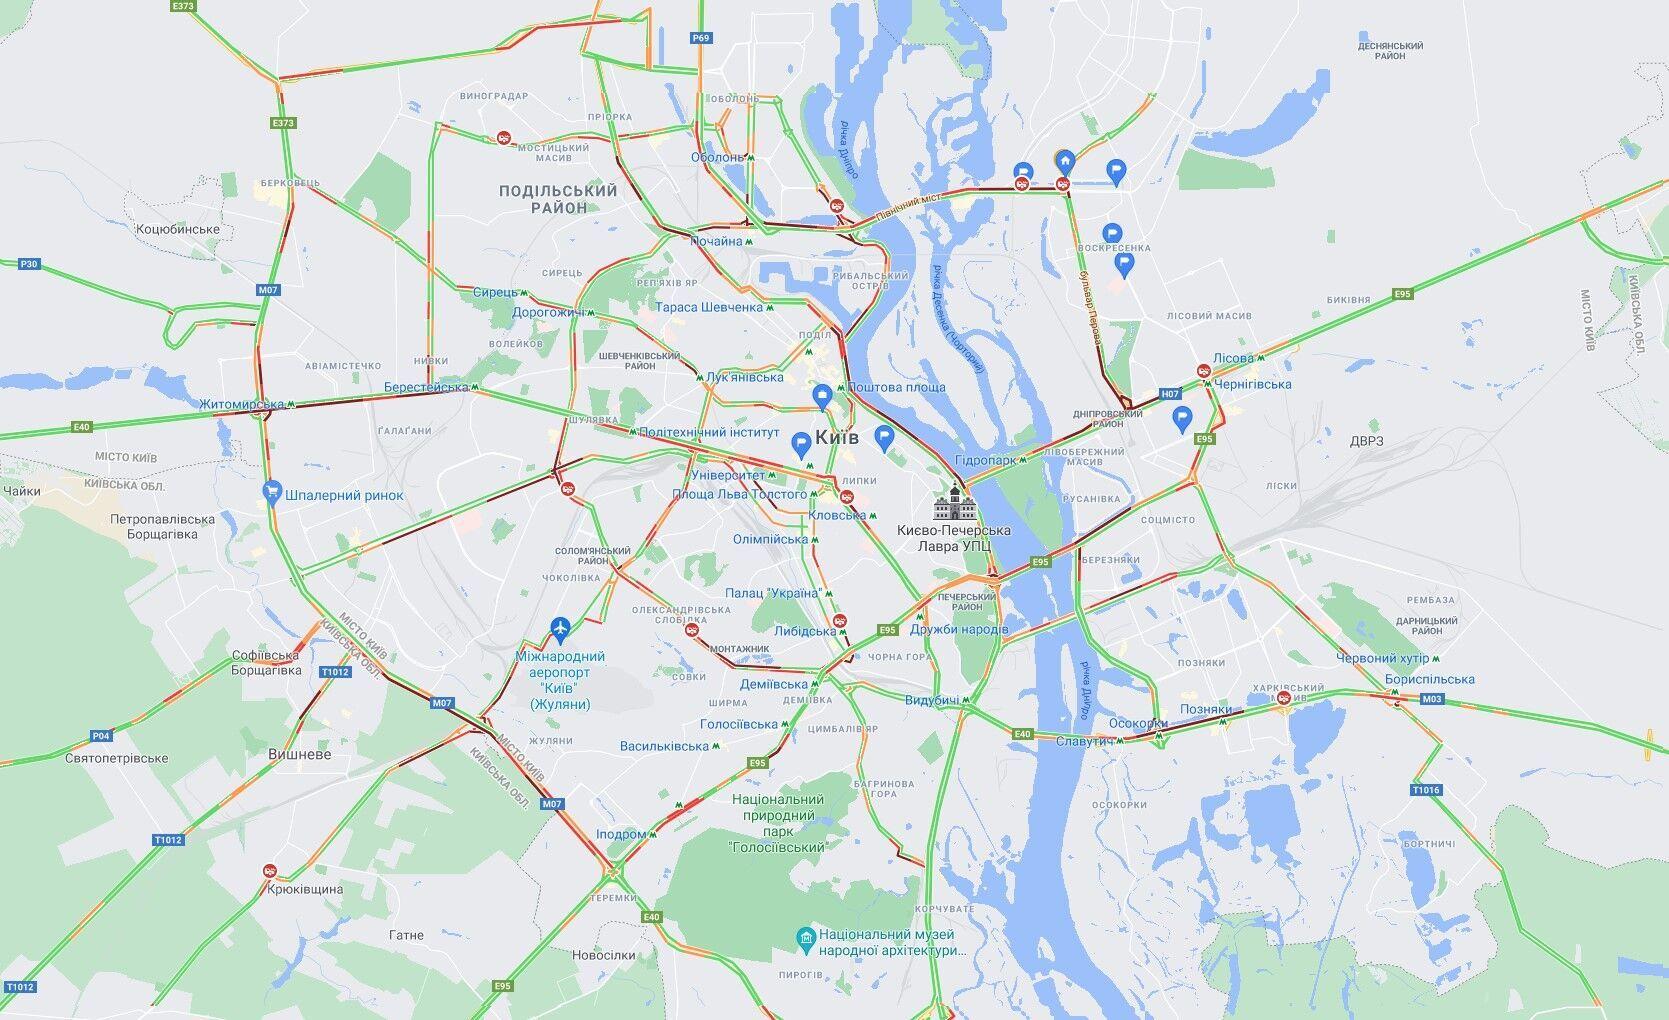 В Киеве пробки парализовали движение на дорогах города.